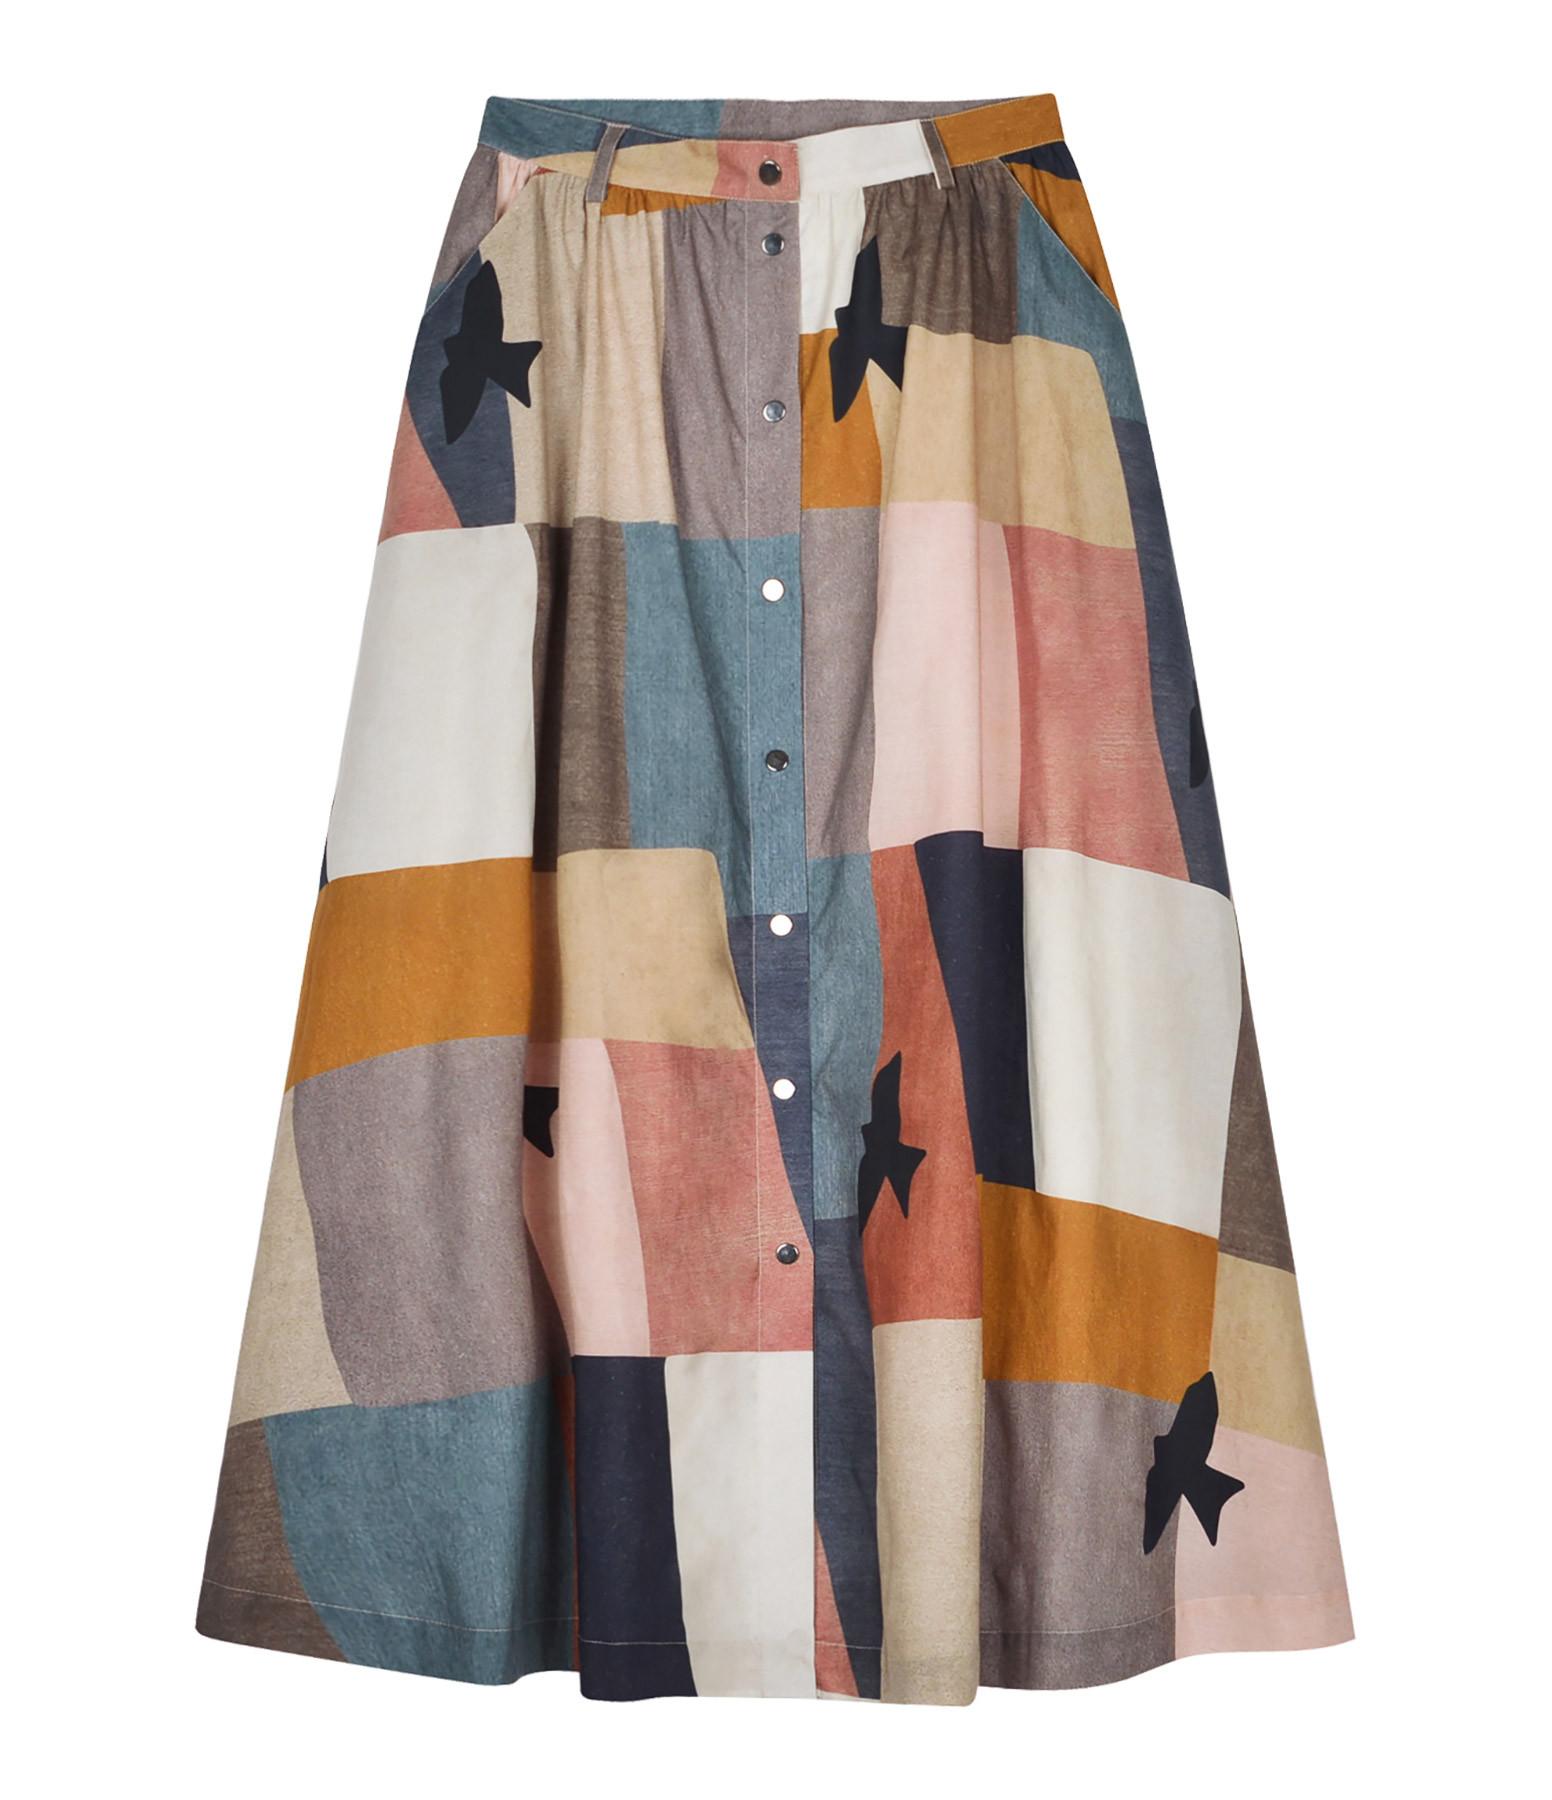 VALENTINE GAUTHIER - Jupe Manille Coton Biologique Modernism Imprimé